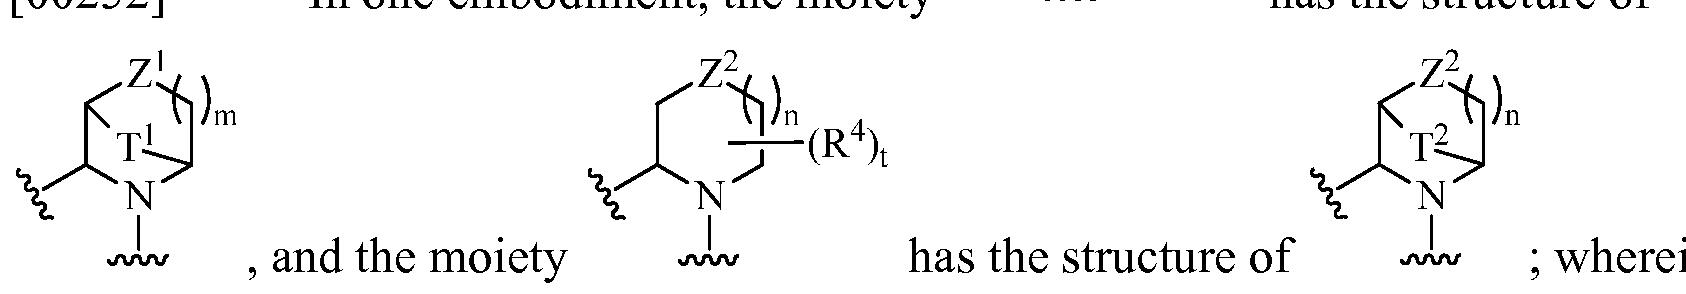 Figure imgf000148_0003